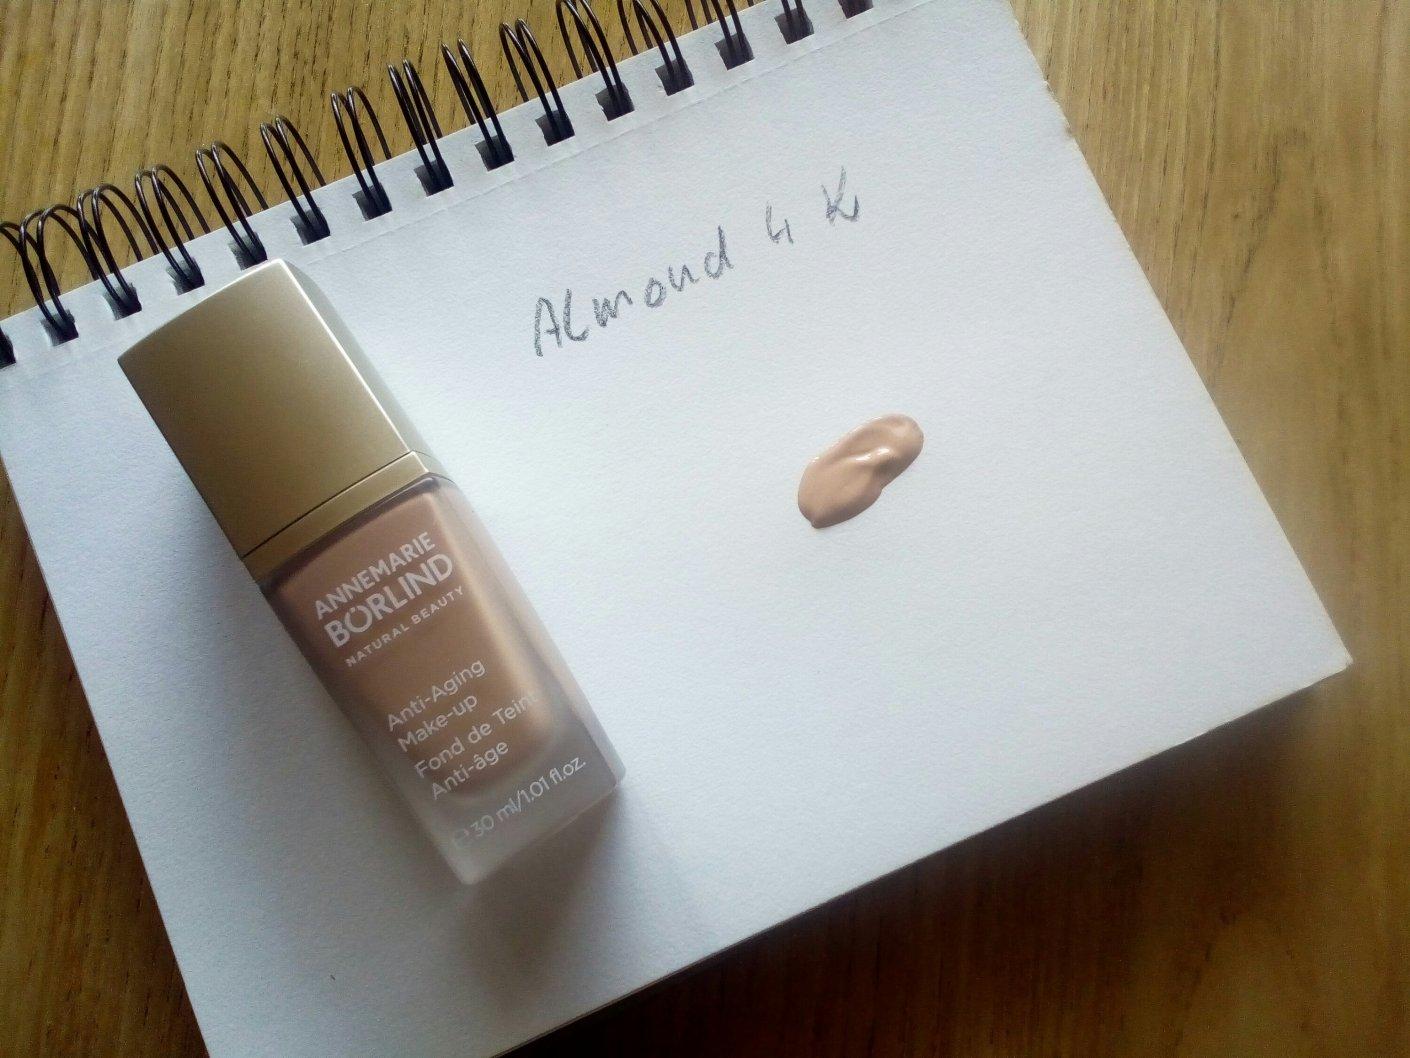 Annemarie Börlind Anti-Aging-Make-up in Almond 04 K